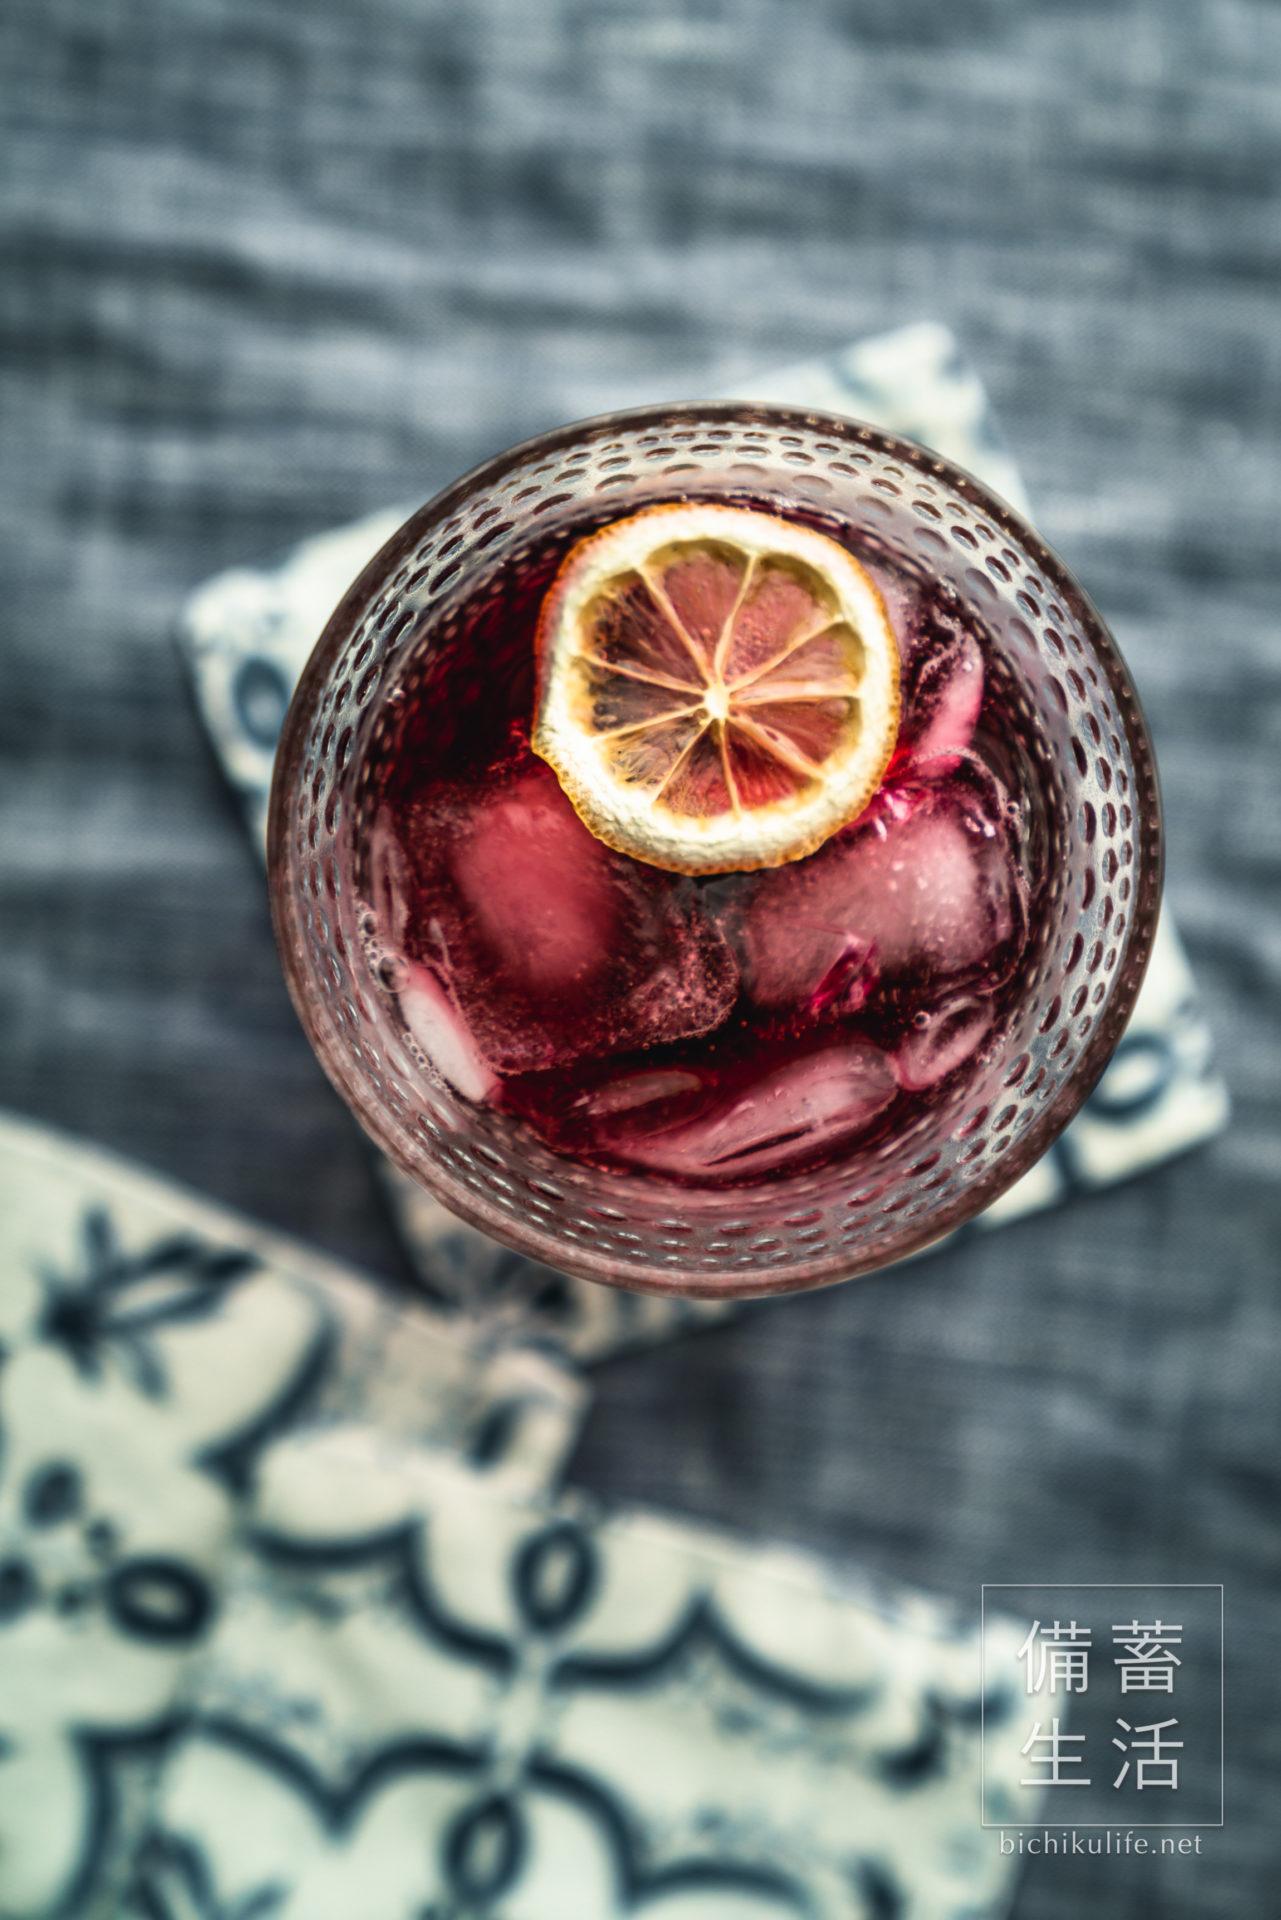 赤じそジュースづくり 自家製あかしそジュースのレシピ、自家製赤じそジュースのドライレモントッピング